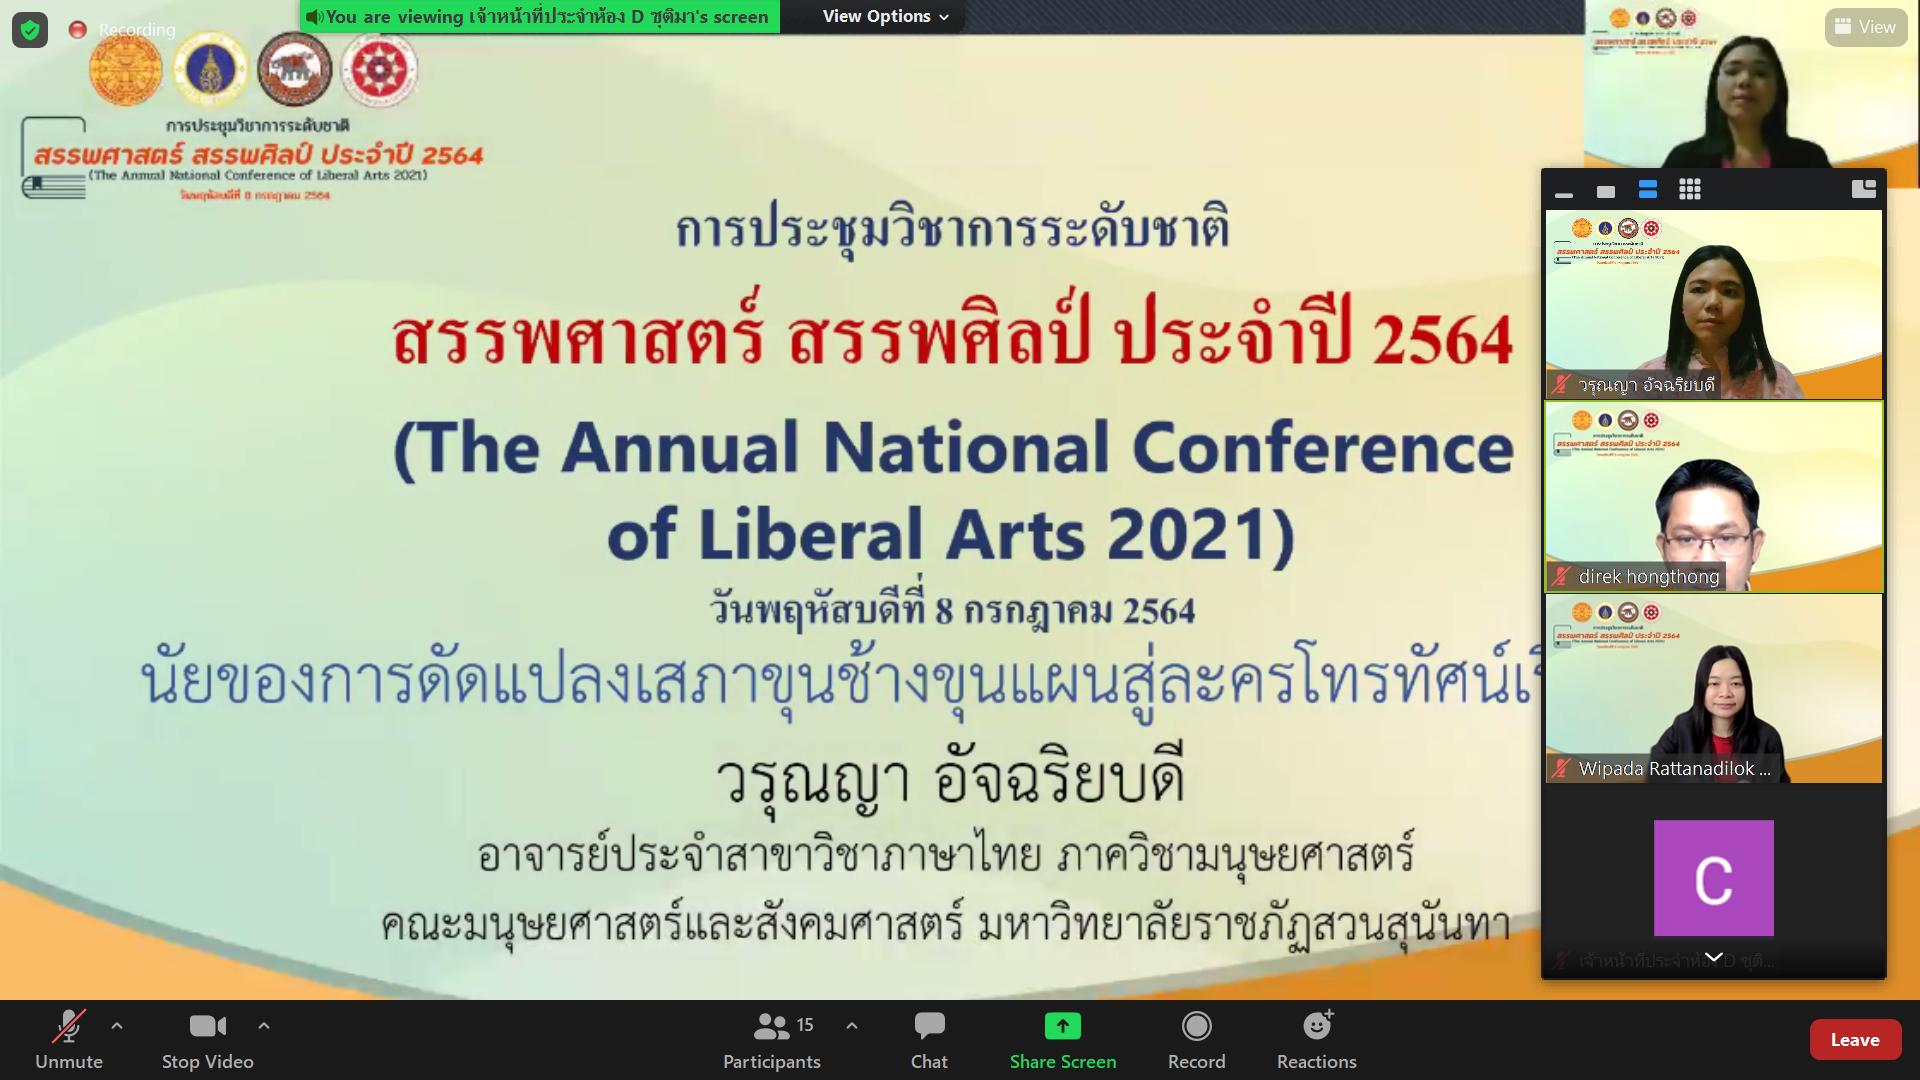 ภาพการนำเสนอบทความในการประชุมวิชาการระดับชาติสรรพศาสตร์ สรรพศิลป์ ประจำปี 2564